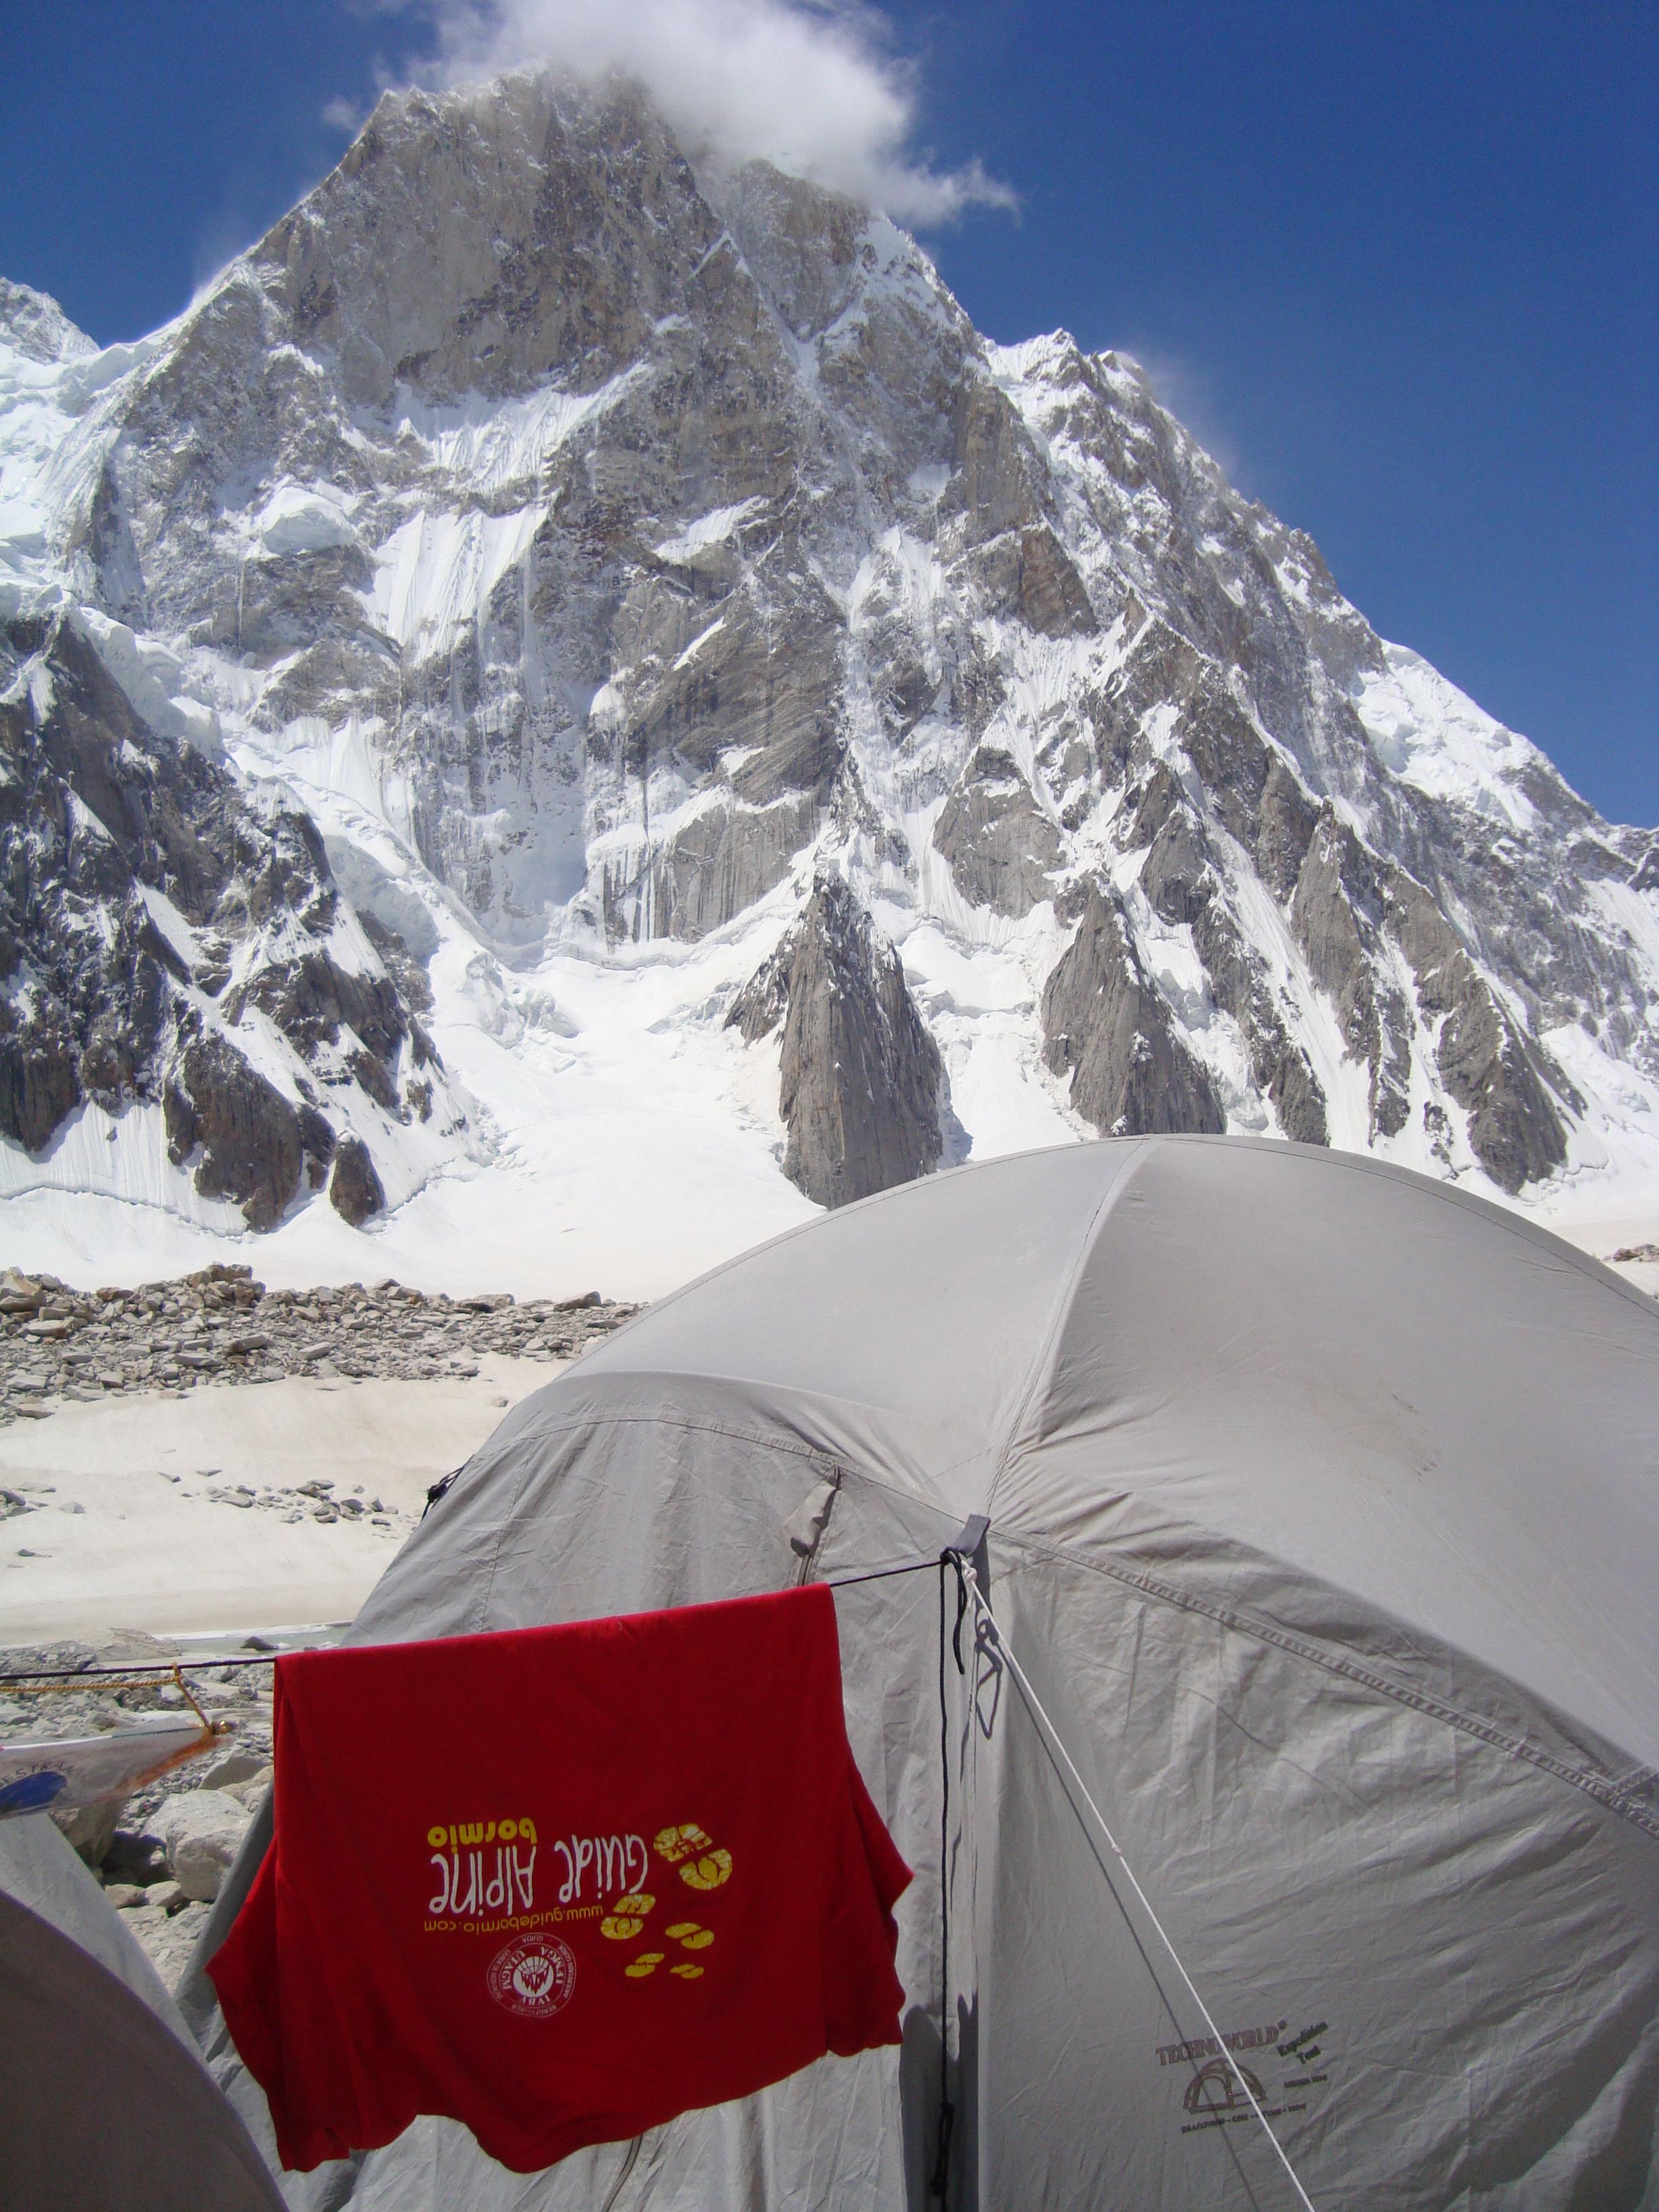 Il campo base ai piedi dell'imponente montagna.